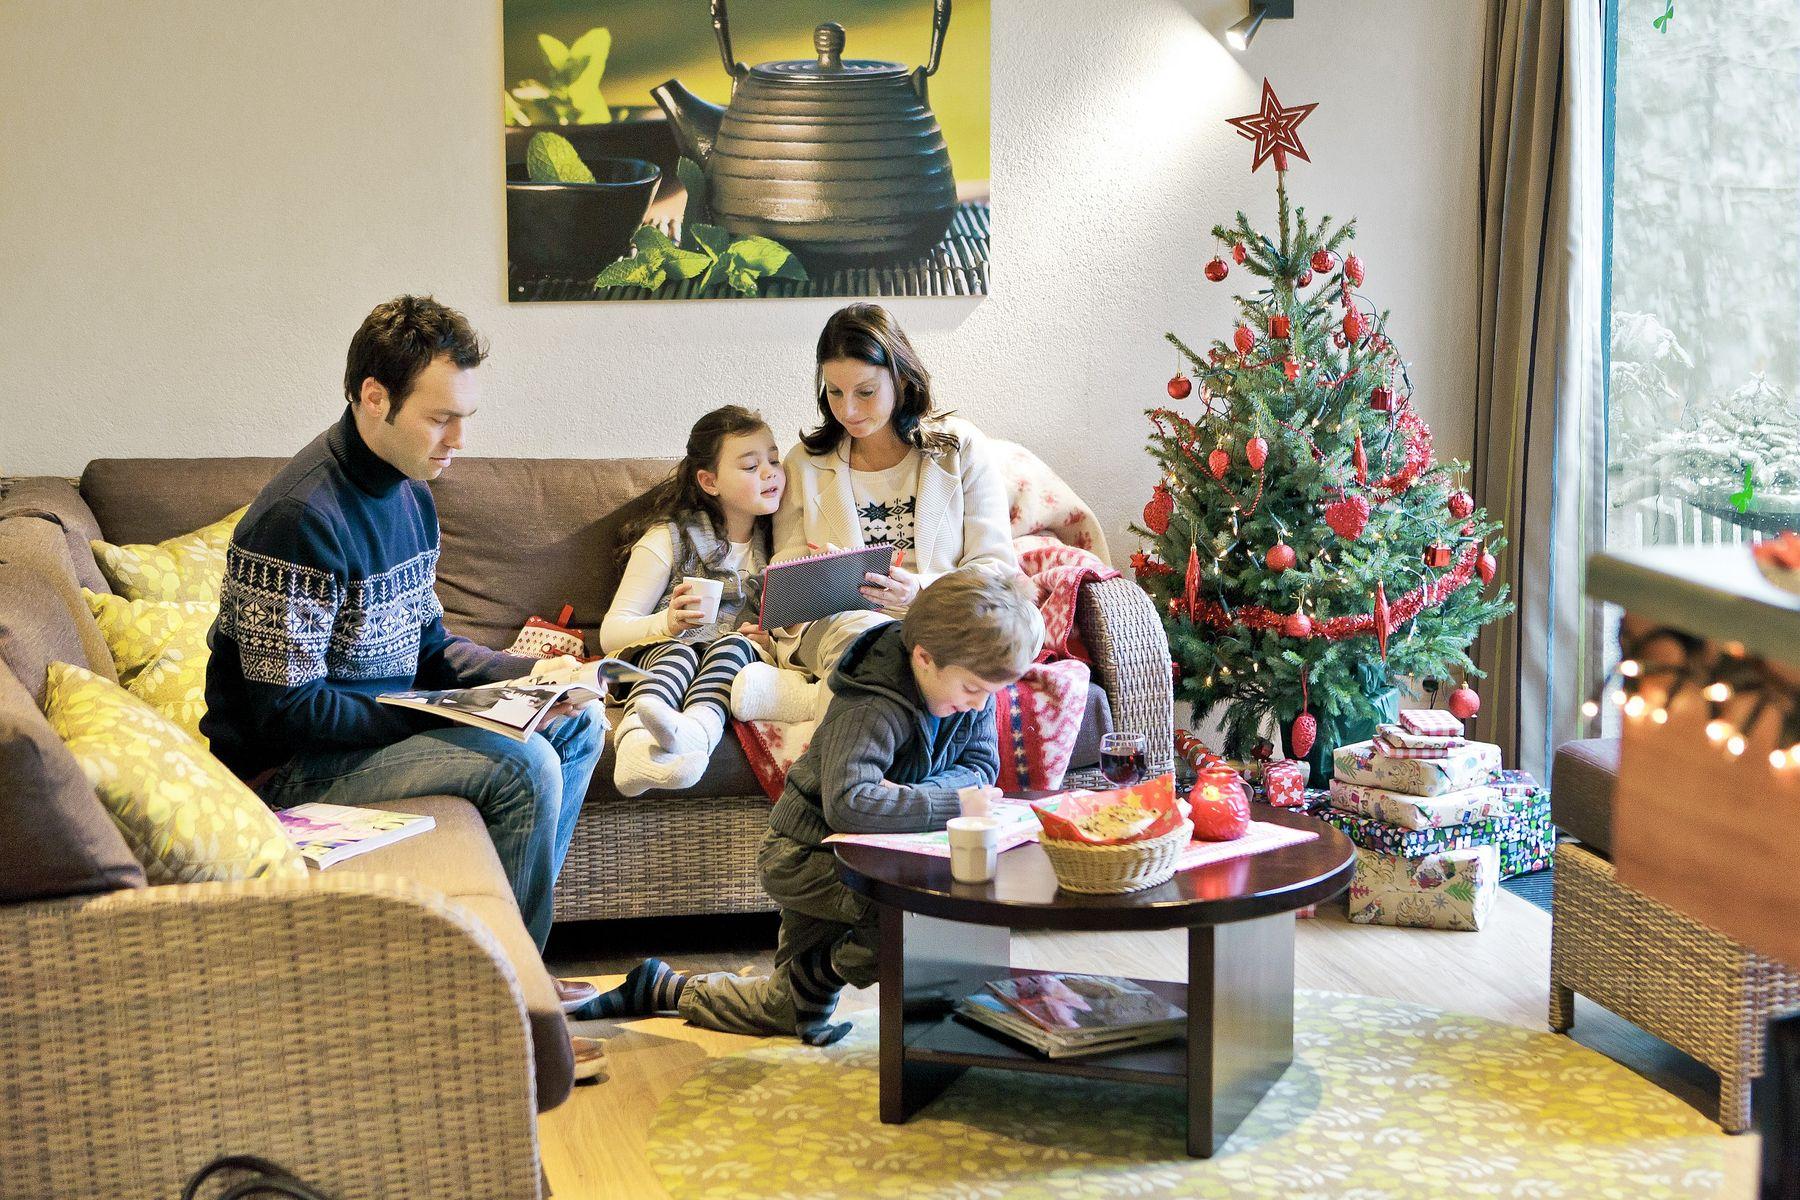 4 tipps f r ein weihnachten ohne stress. Black Bedroom Furniture Sets. Home Design Ideas